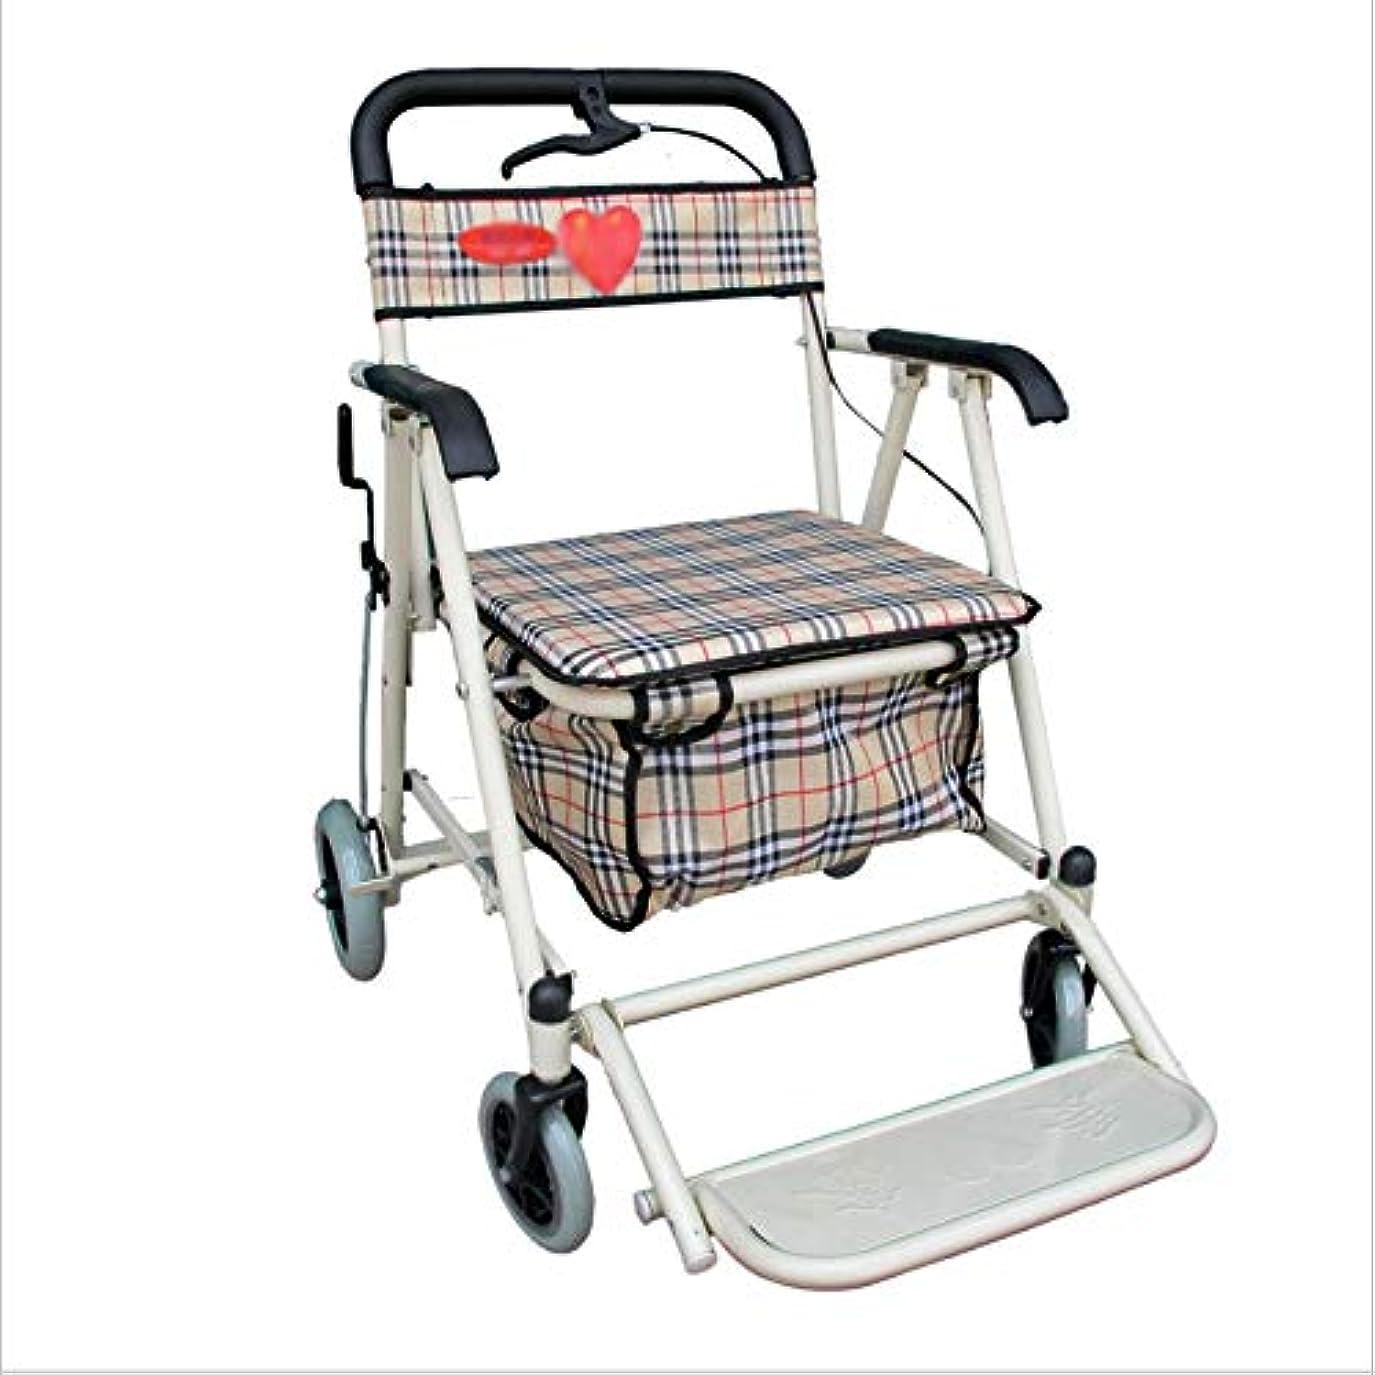 ジャンル空港寄り添う高齢者手押しショッピングカート、アルミウォーカー、滑り止めウォーカー4本足杖屋外バスルーム使用不可 (Color : Multi-colored)